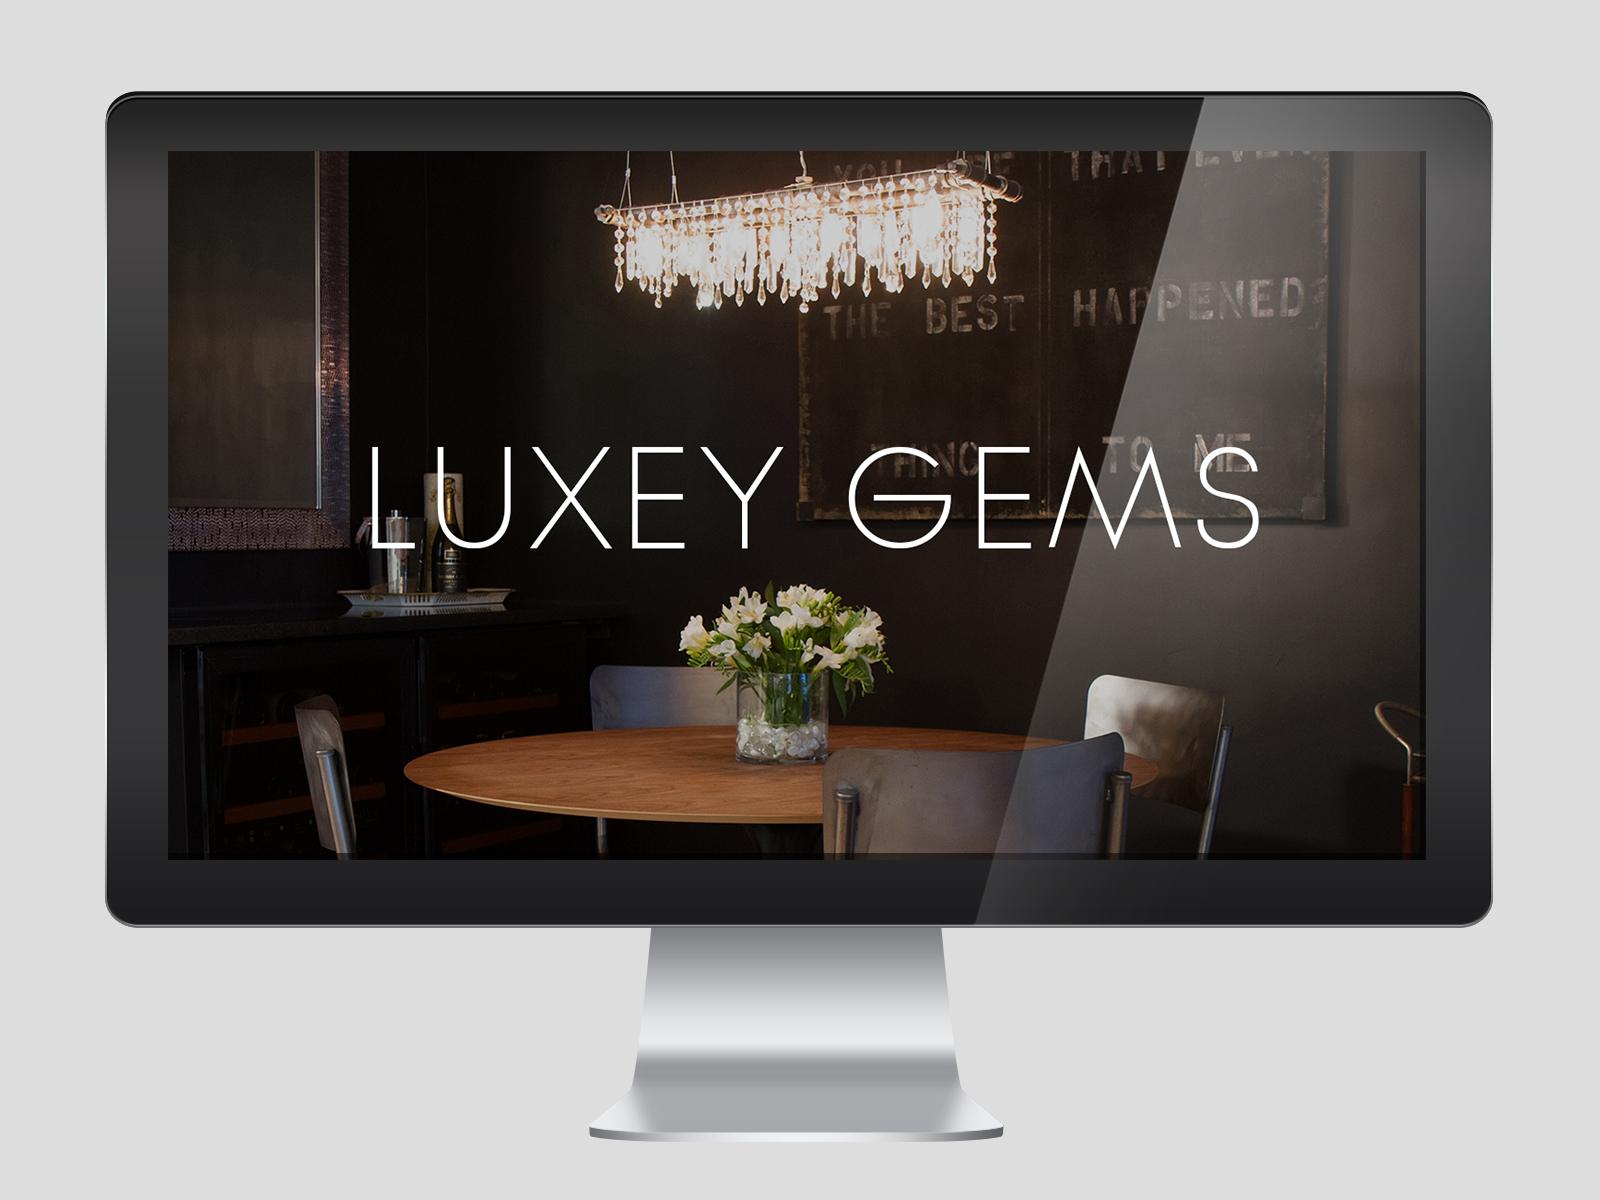 luxeygems_featured